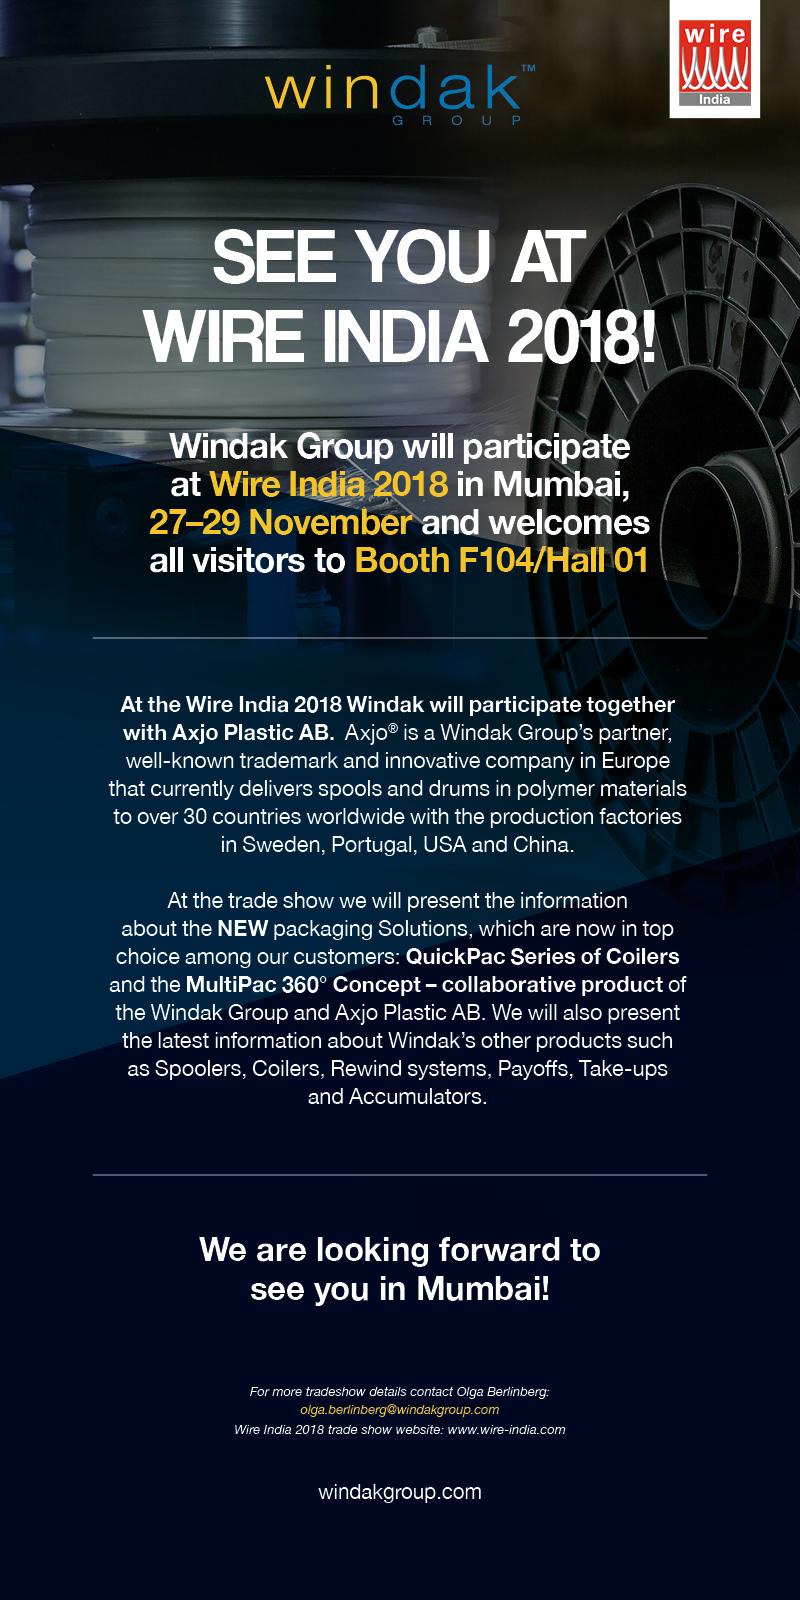 Windak_invitation_Wire India 2018